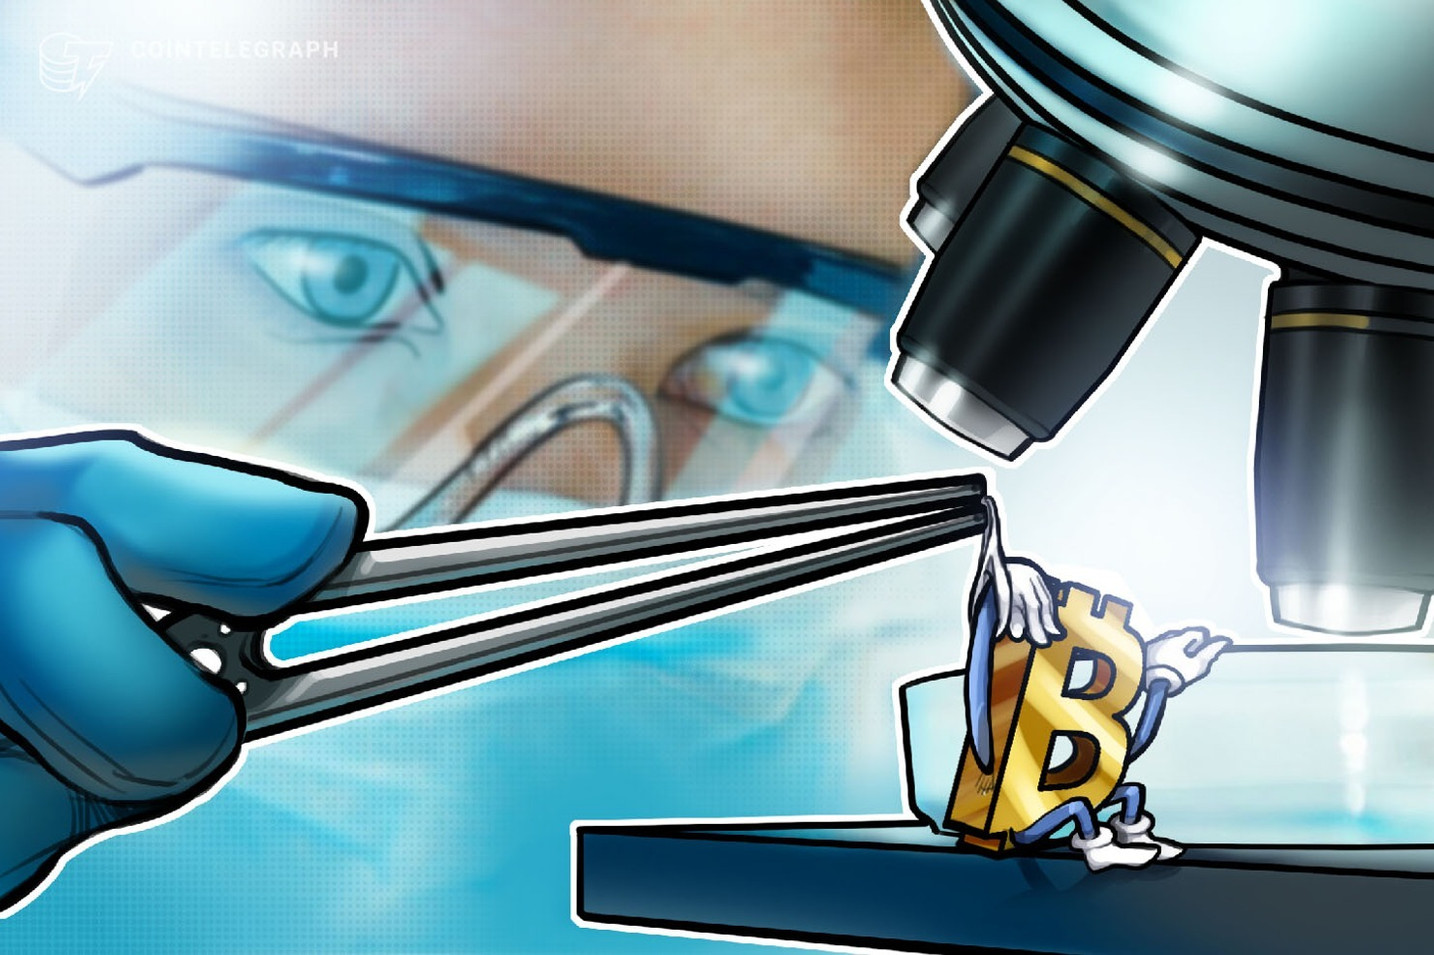 下落する仮想通貨ビットコインに、ボリンジャーバンド開発者「合理的な位置」|次の値動きは..?【仮想通貨相場】